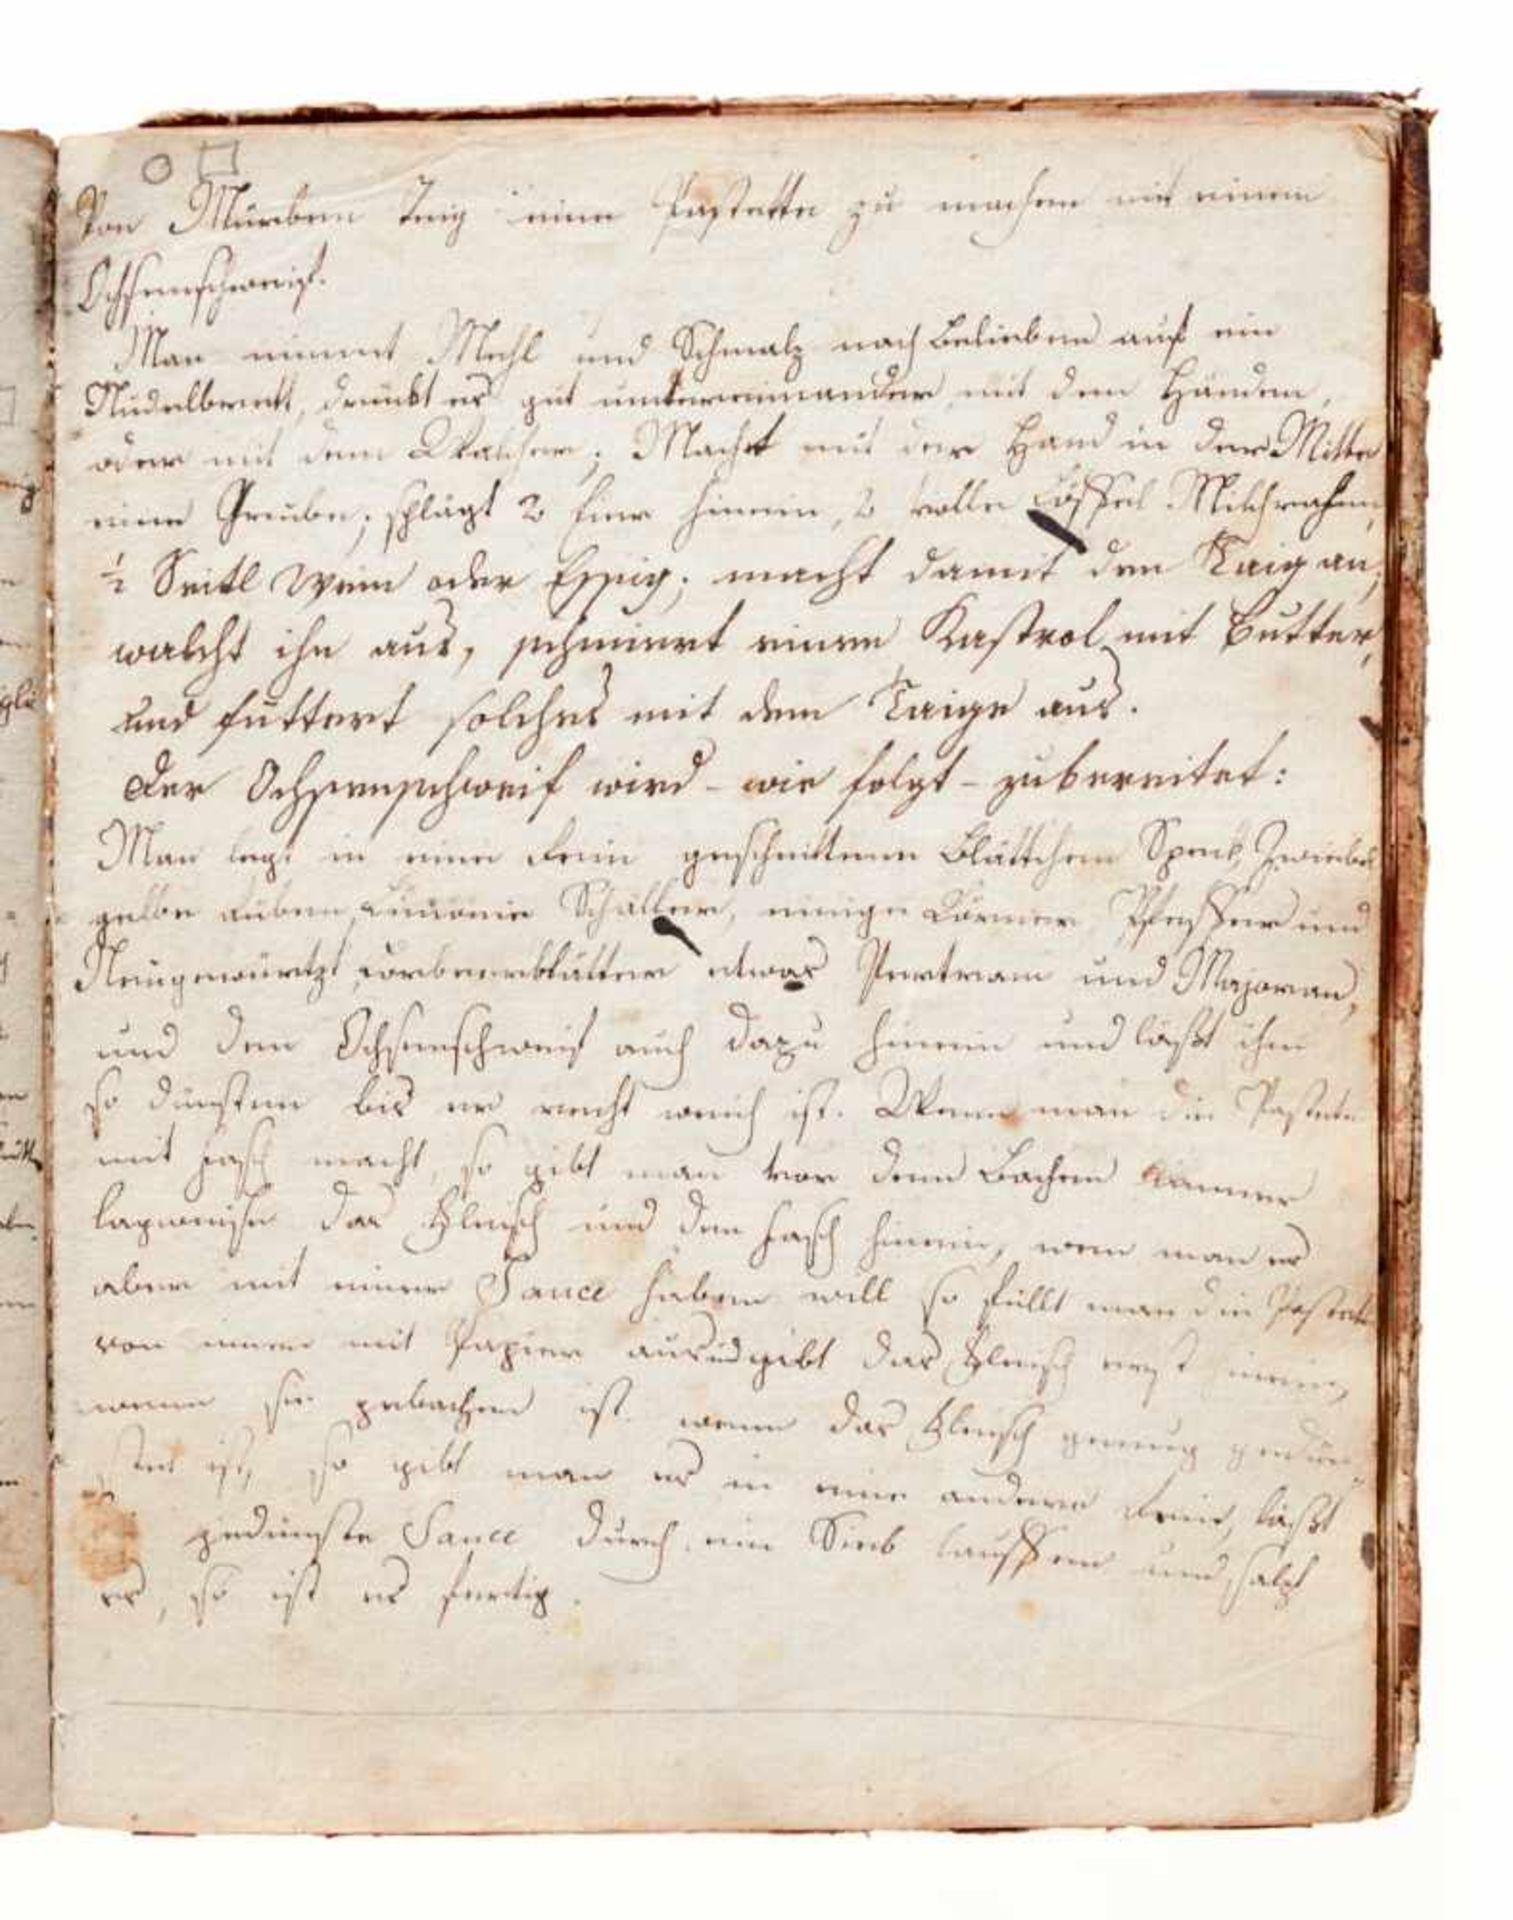 Kochbuch - Deutsche Handschrift auf Papier.Wohl Wien, um 1780-1850. 4°. 130 S. (ohne S. 21/22), 20 - Bild 4 aus 4